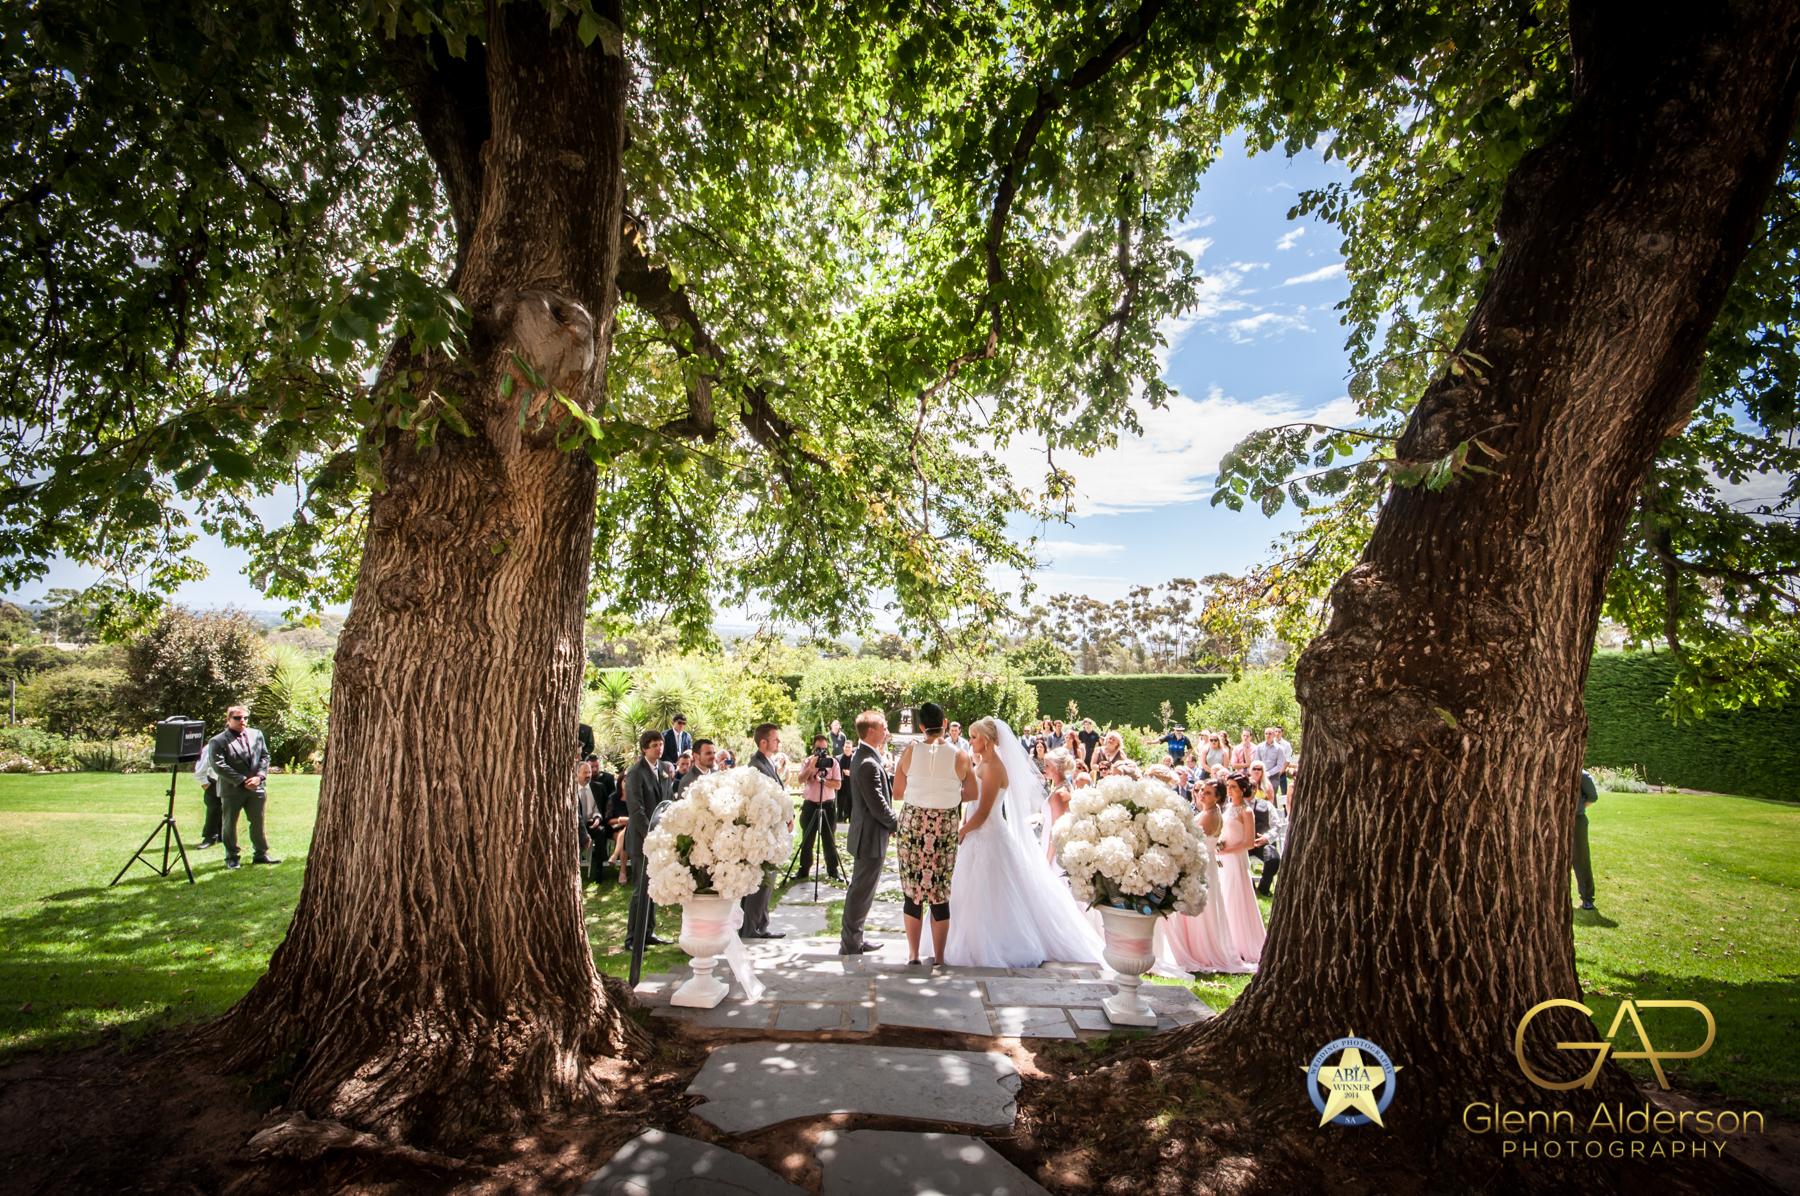 Adelaide Weddings (2 of 15)